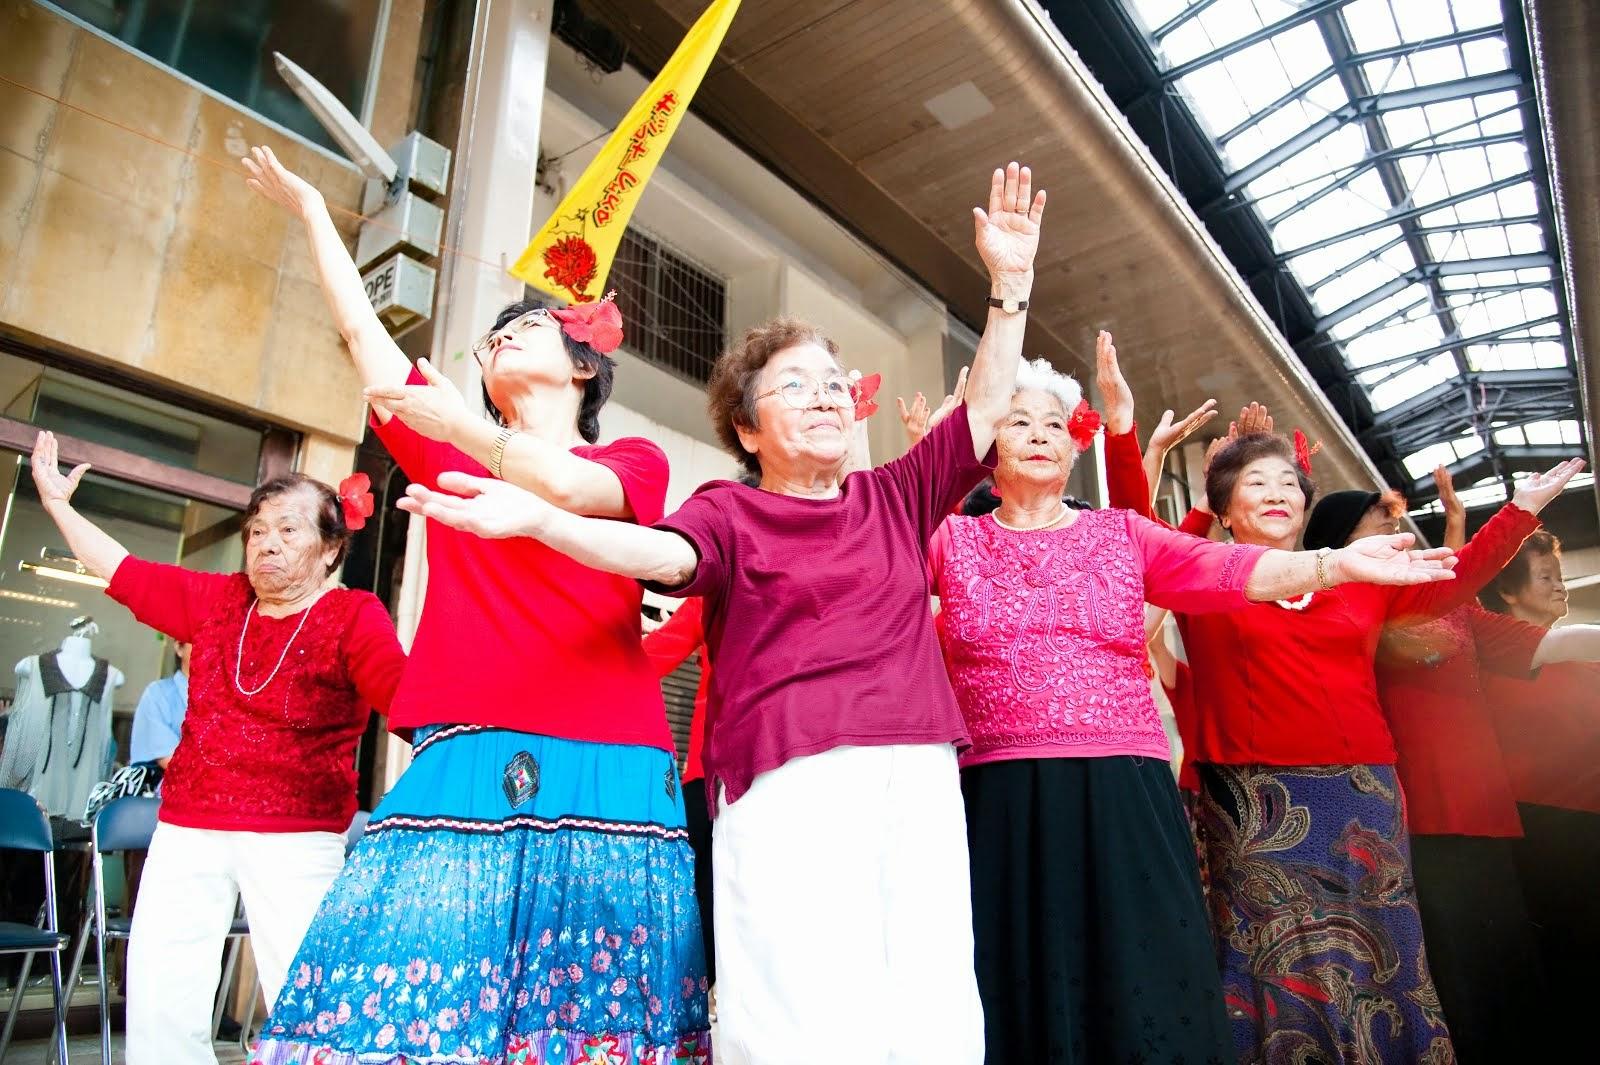 キジムナーフェスタ2012(沖縄市)